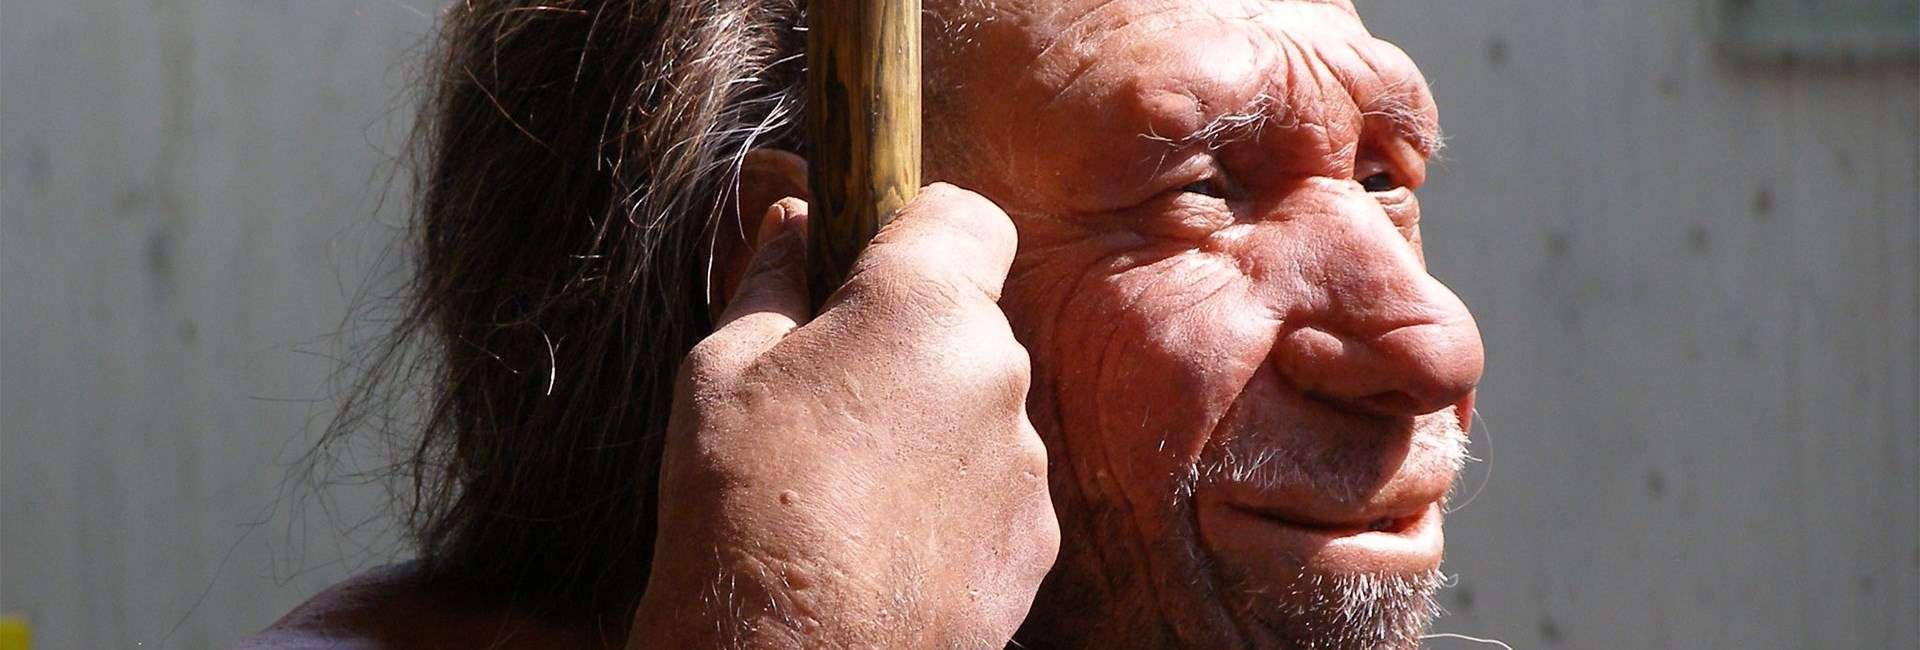 13 черт, которые мы унаследовали от неандертальцев